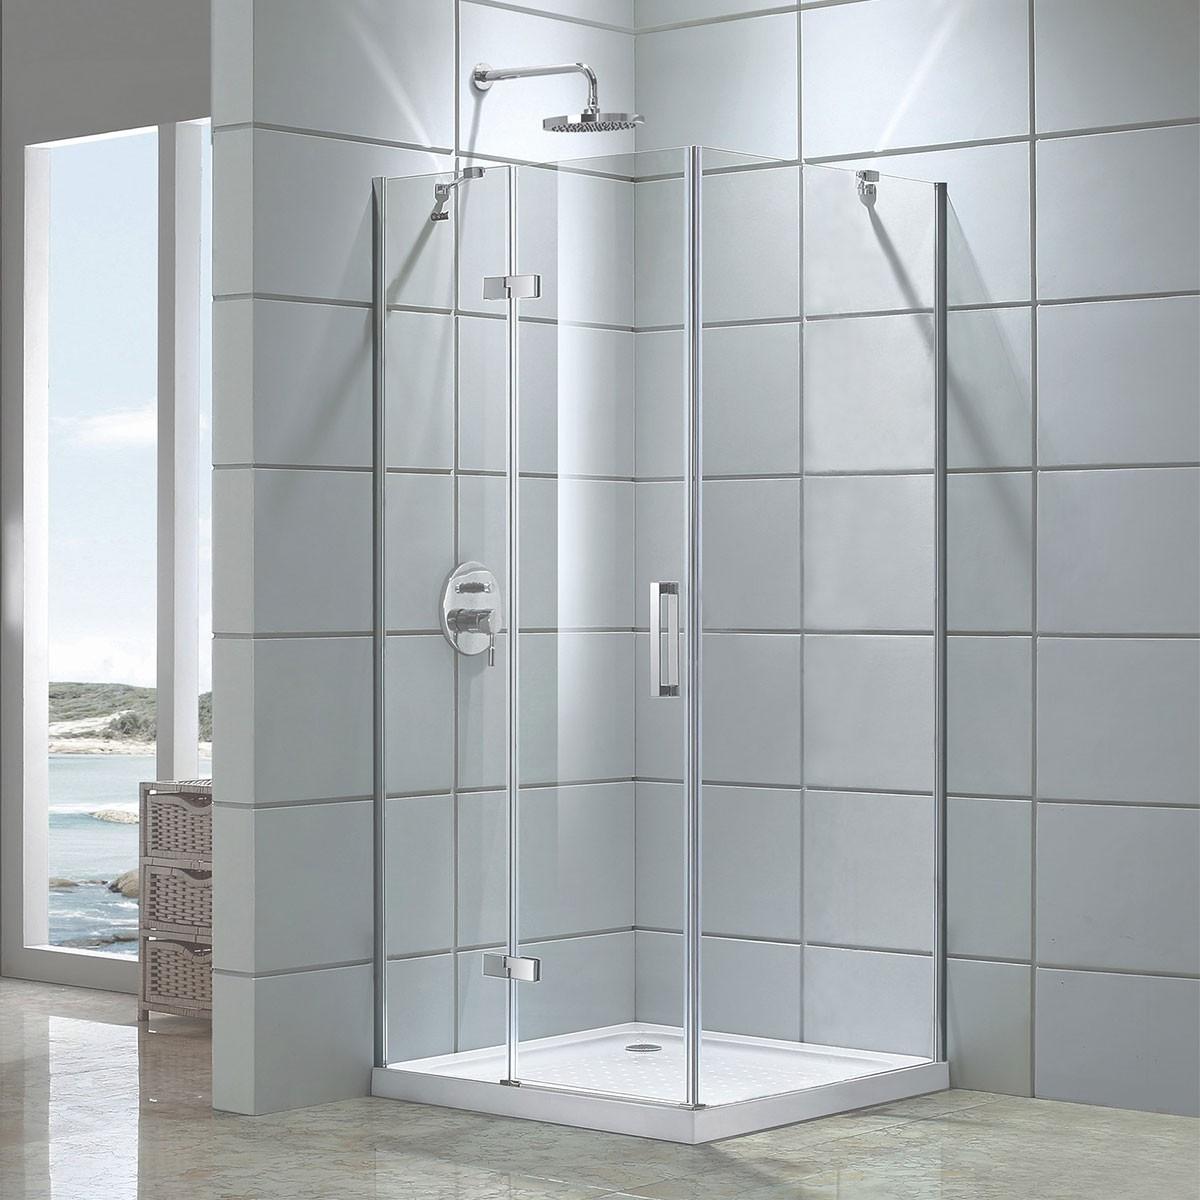 48 In Pivot Shower Door And 36 In Side Panel Dk D306 90